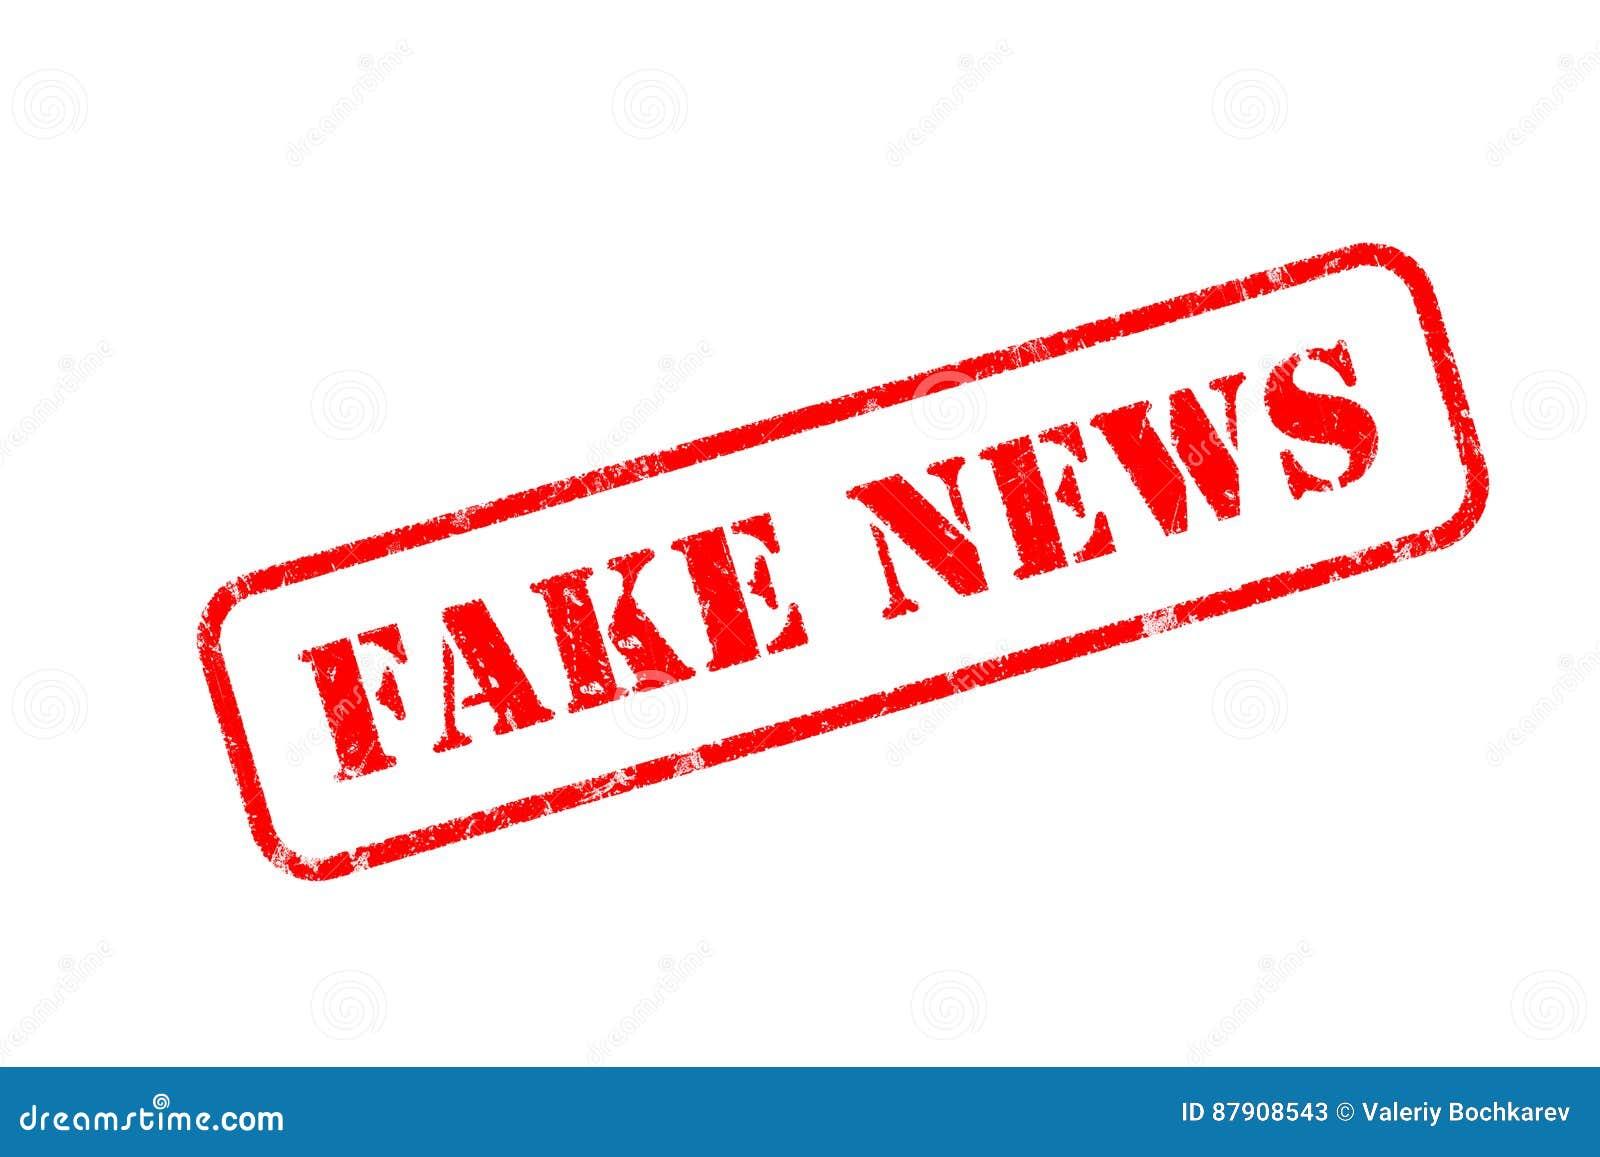 Fake News Rubber Stamp Over A White Background Stock Illustration Illustration Of White Design 87908543